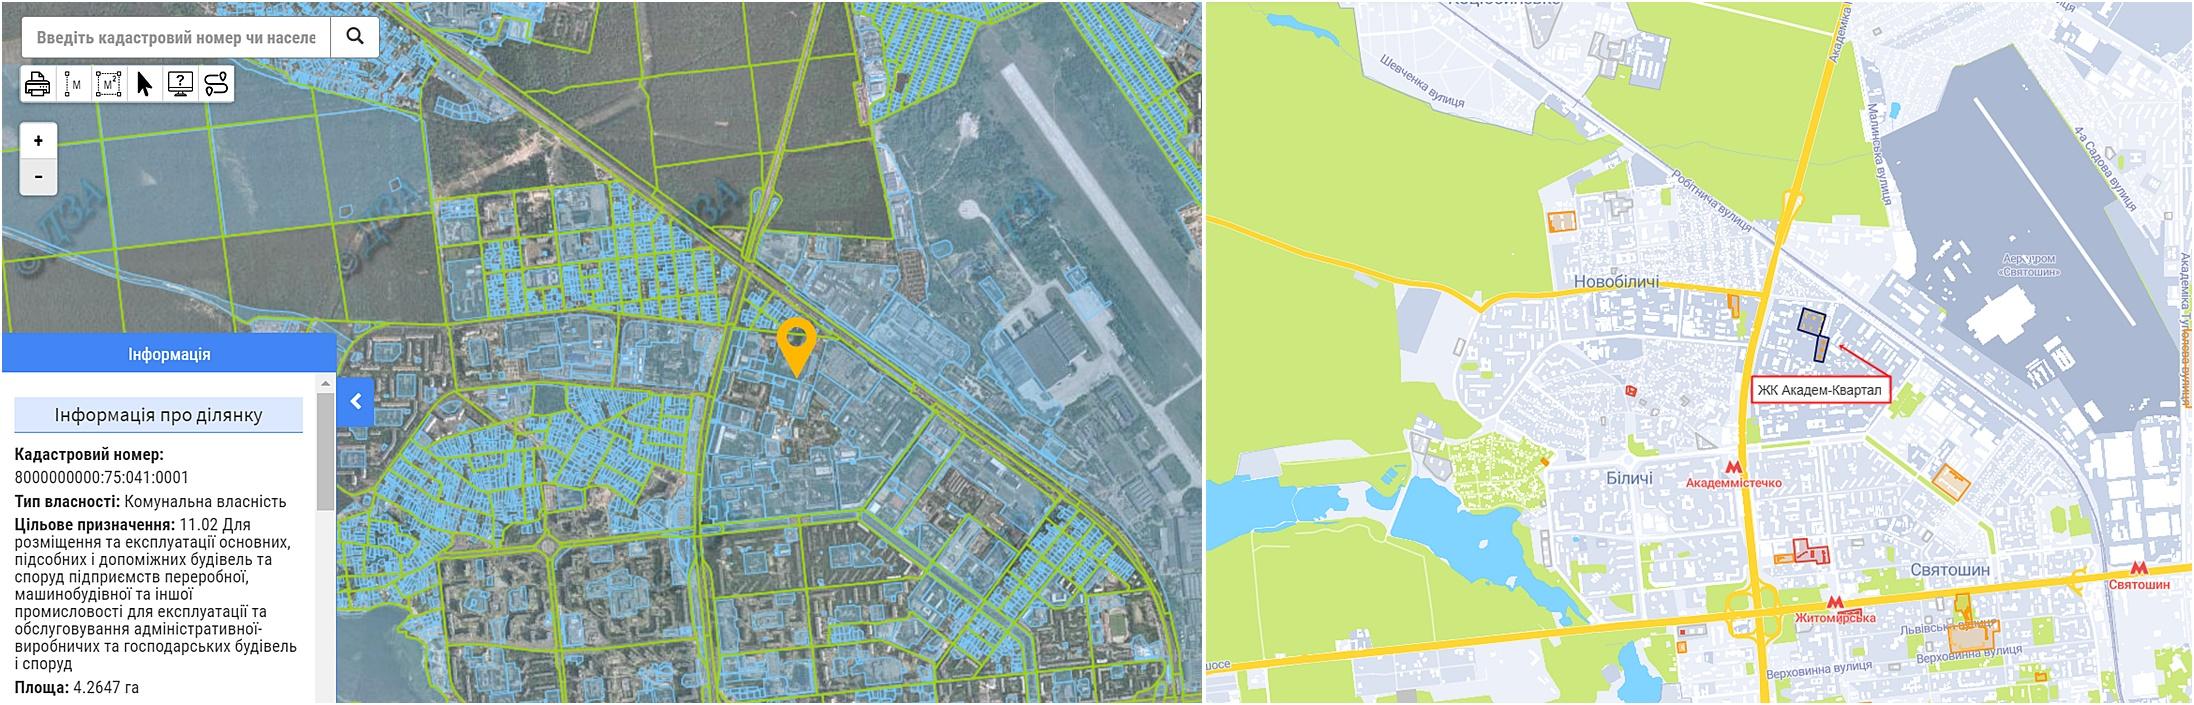 ЖК Академ-Квартал данные кадастра и на карте